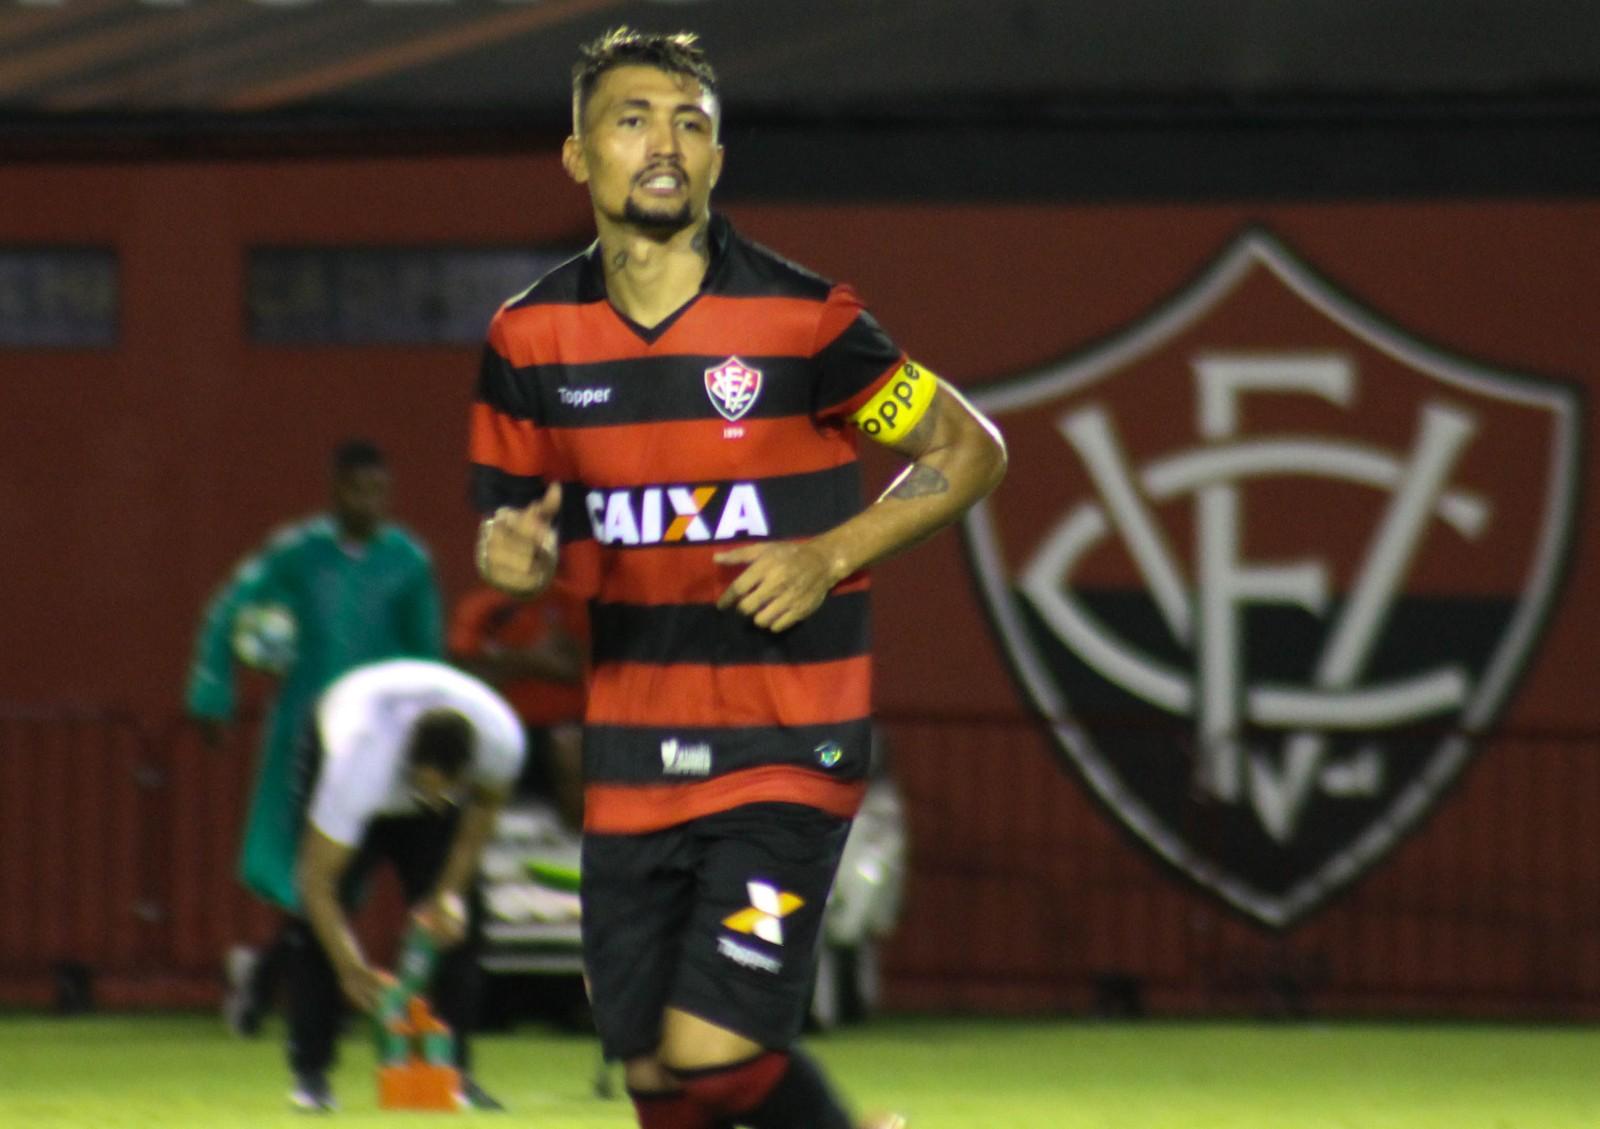 Fim da novela! Botafogo chega a acordo com Vitória e fecha contratação de Kieza 1